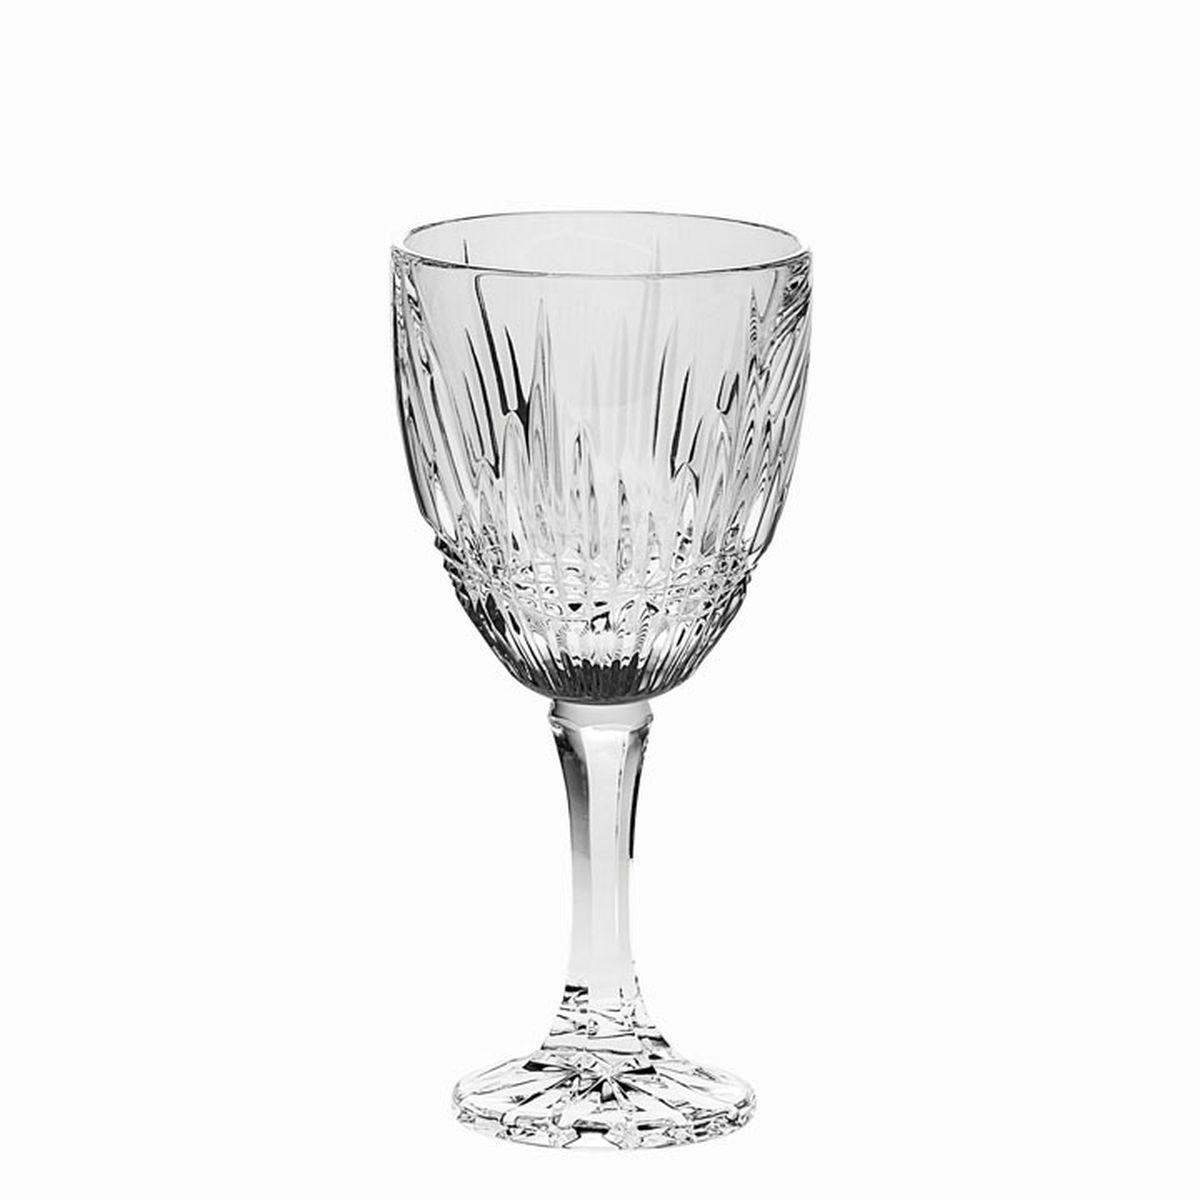 Рюмка для вина Crystal Bohemia Vibes, 250 мл, 6 штG5637Настоящий чешский хрусталь с содержанием оксида свинца 24%, что придает изделиям поразительную прозрачность и чистоту, невероятный блеск, присущий только ювелирным изделиям , особое, ни с чем не сравнимое светопреломление и игру всеми красками спектра как при естественном, так и при искуственном освещении. Продукция из Хрусталя соответствуют всем европейским и российским стандартам качества и безопасности. Традиции чешских мастеров передаются из поколения в поколение. А высокая художаственная ценность иделий признана искушенными ценителями во всем мире. Продукция из Хрусталя соответствуют всем европейским и российским стандартам качества и безопасности.